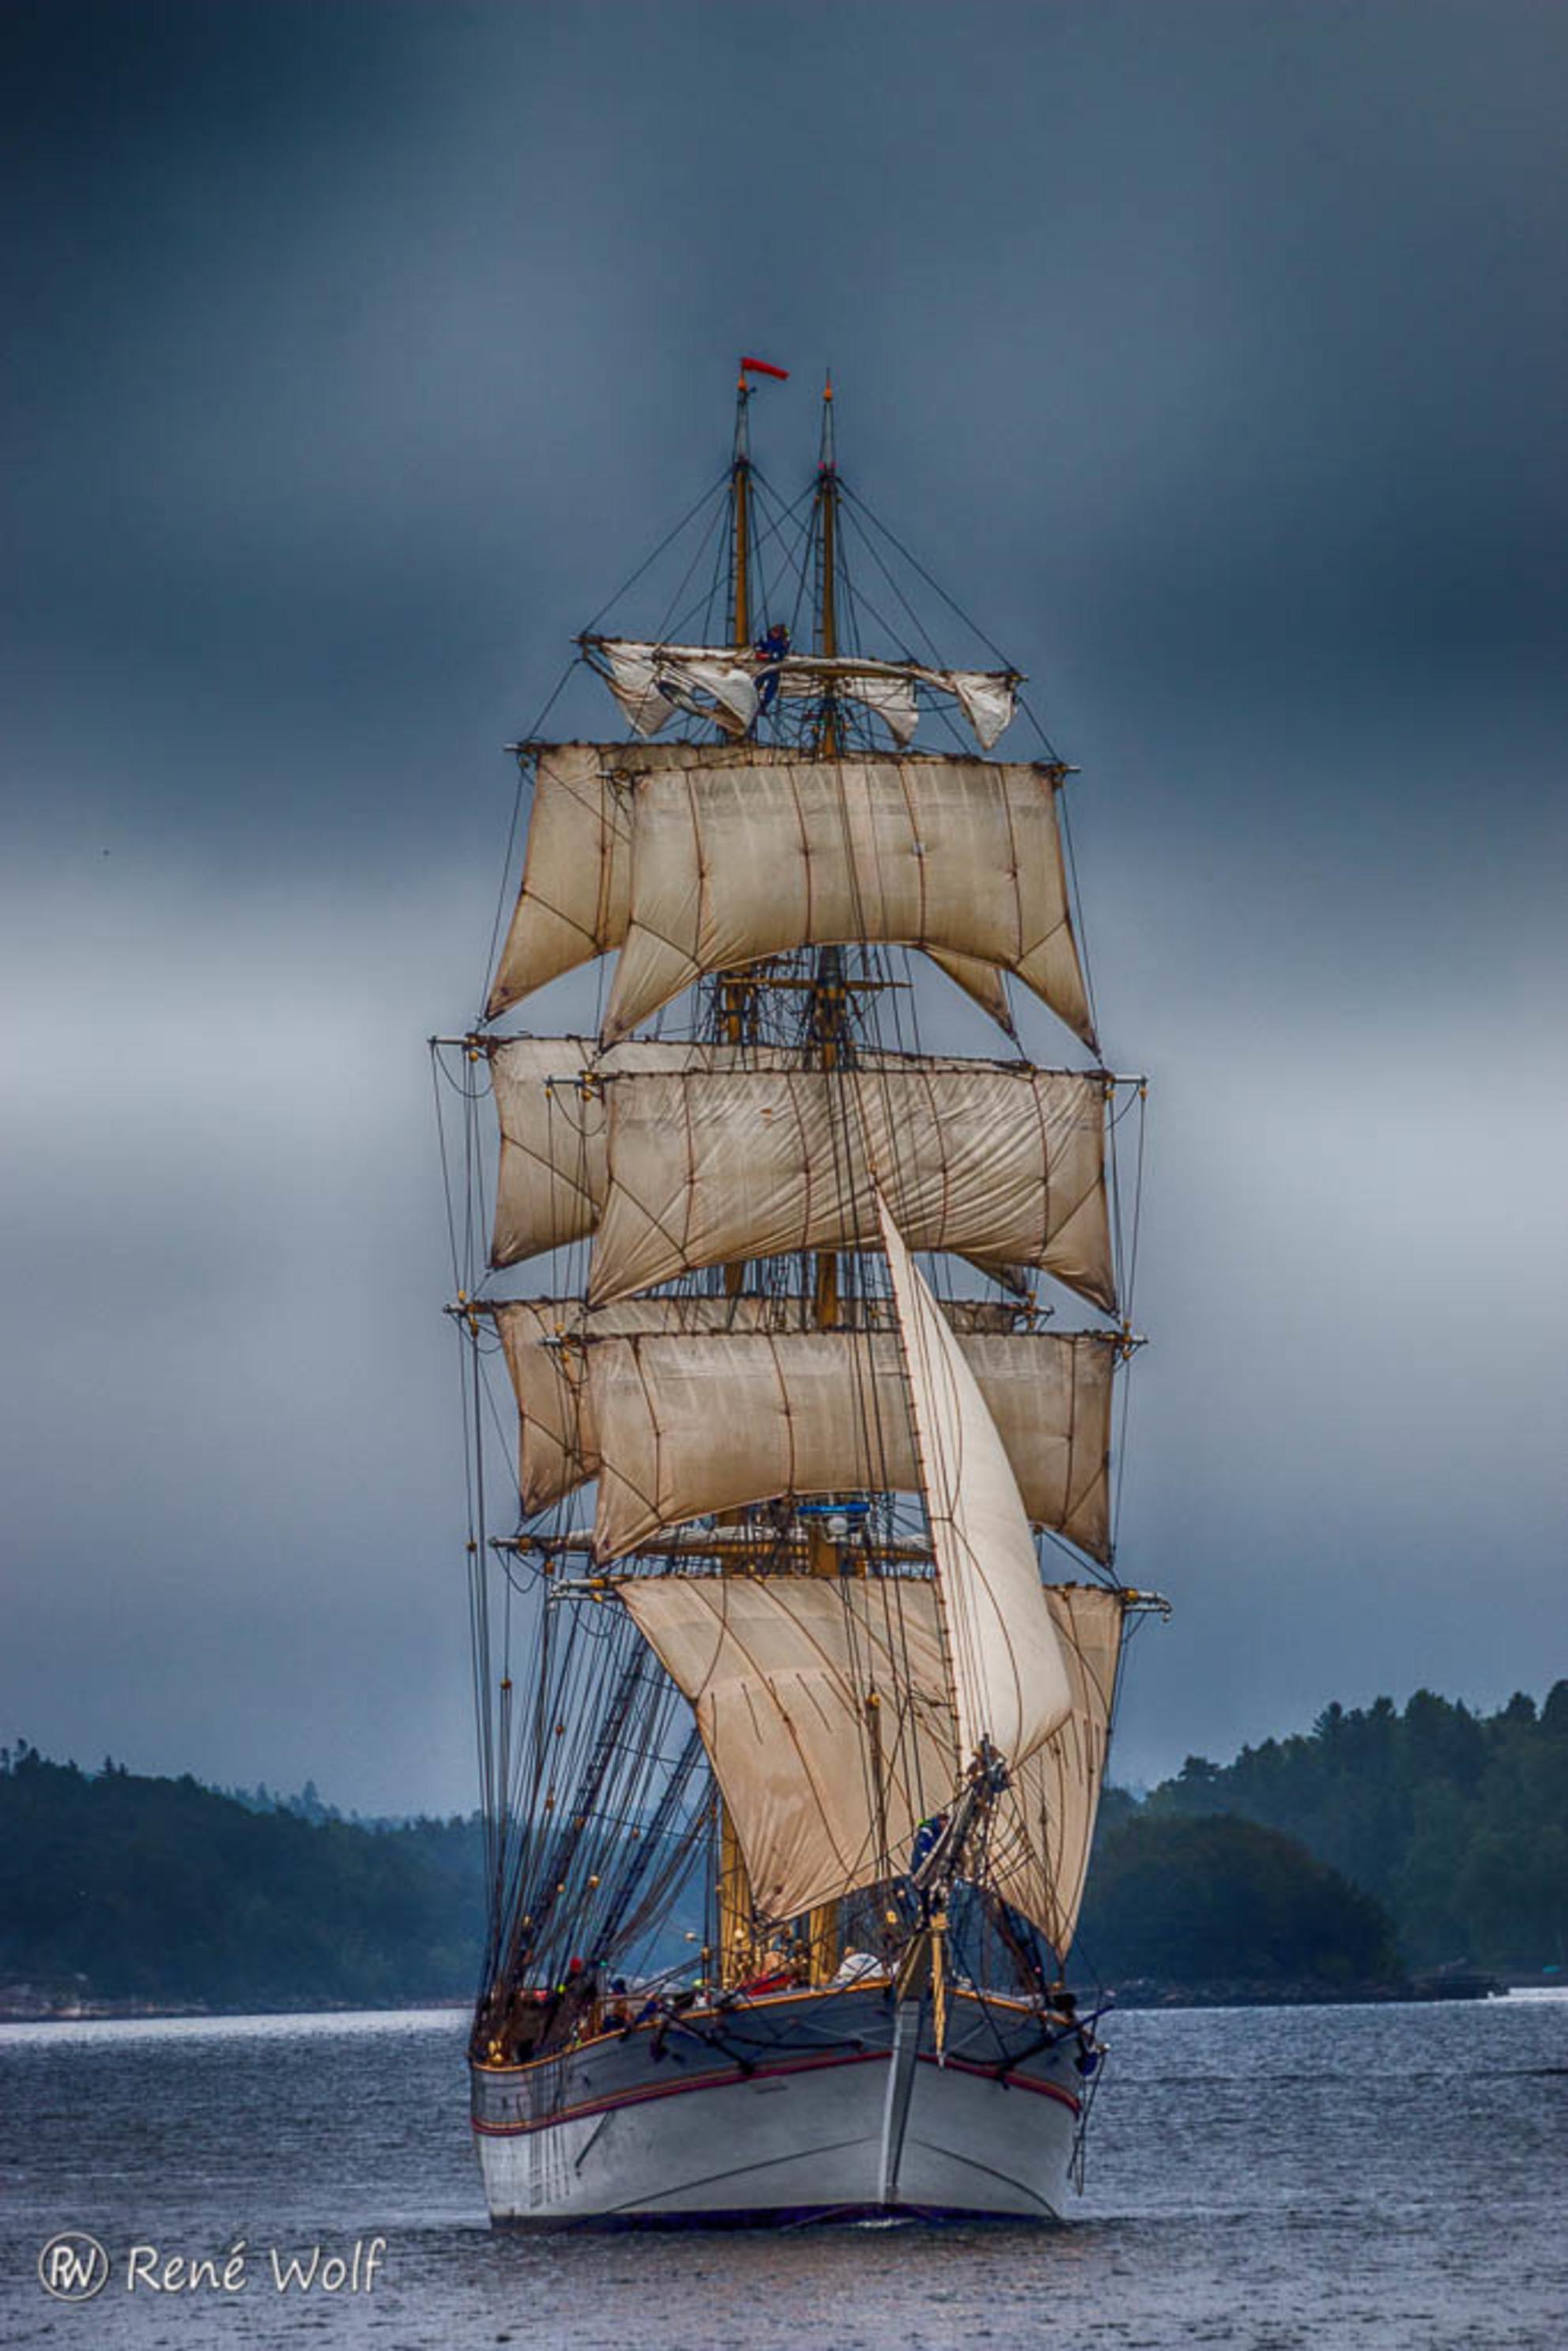 Sailing - Varen door de archipel bij Stockholm - foto door renewolf_zoom op 09-07-2016 - deze foto bevat: lucht, water, boot, vakantie, zeilboot, reizen, landschap, zeilen, zweden, stockholm, hdr, varen, reisfotografie, europa - Deze foto mag gebruikt worden in een Zoom.nl publicatie